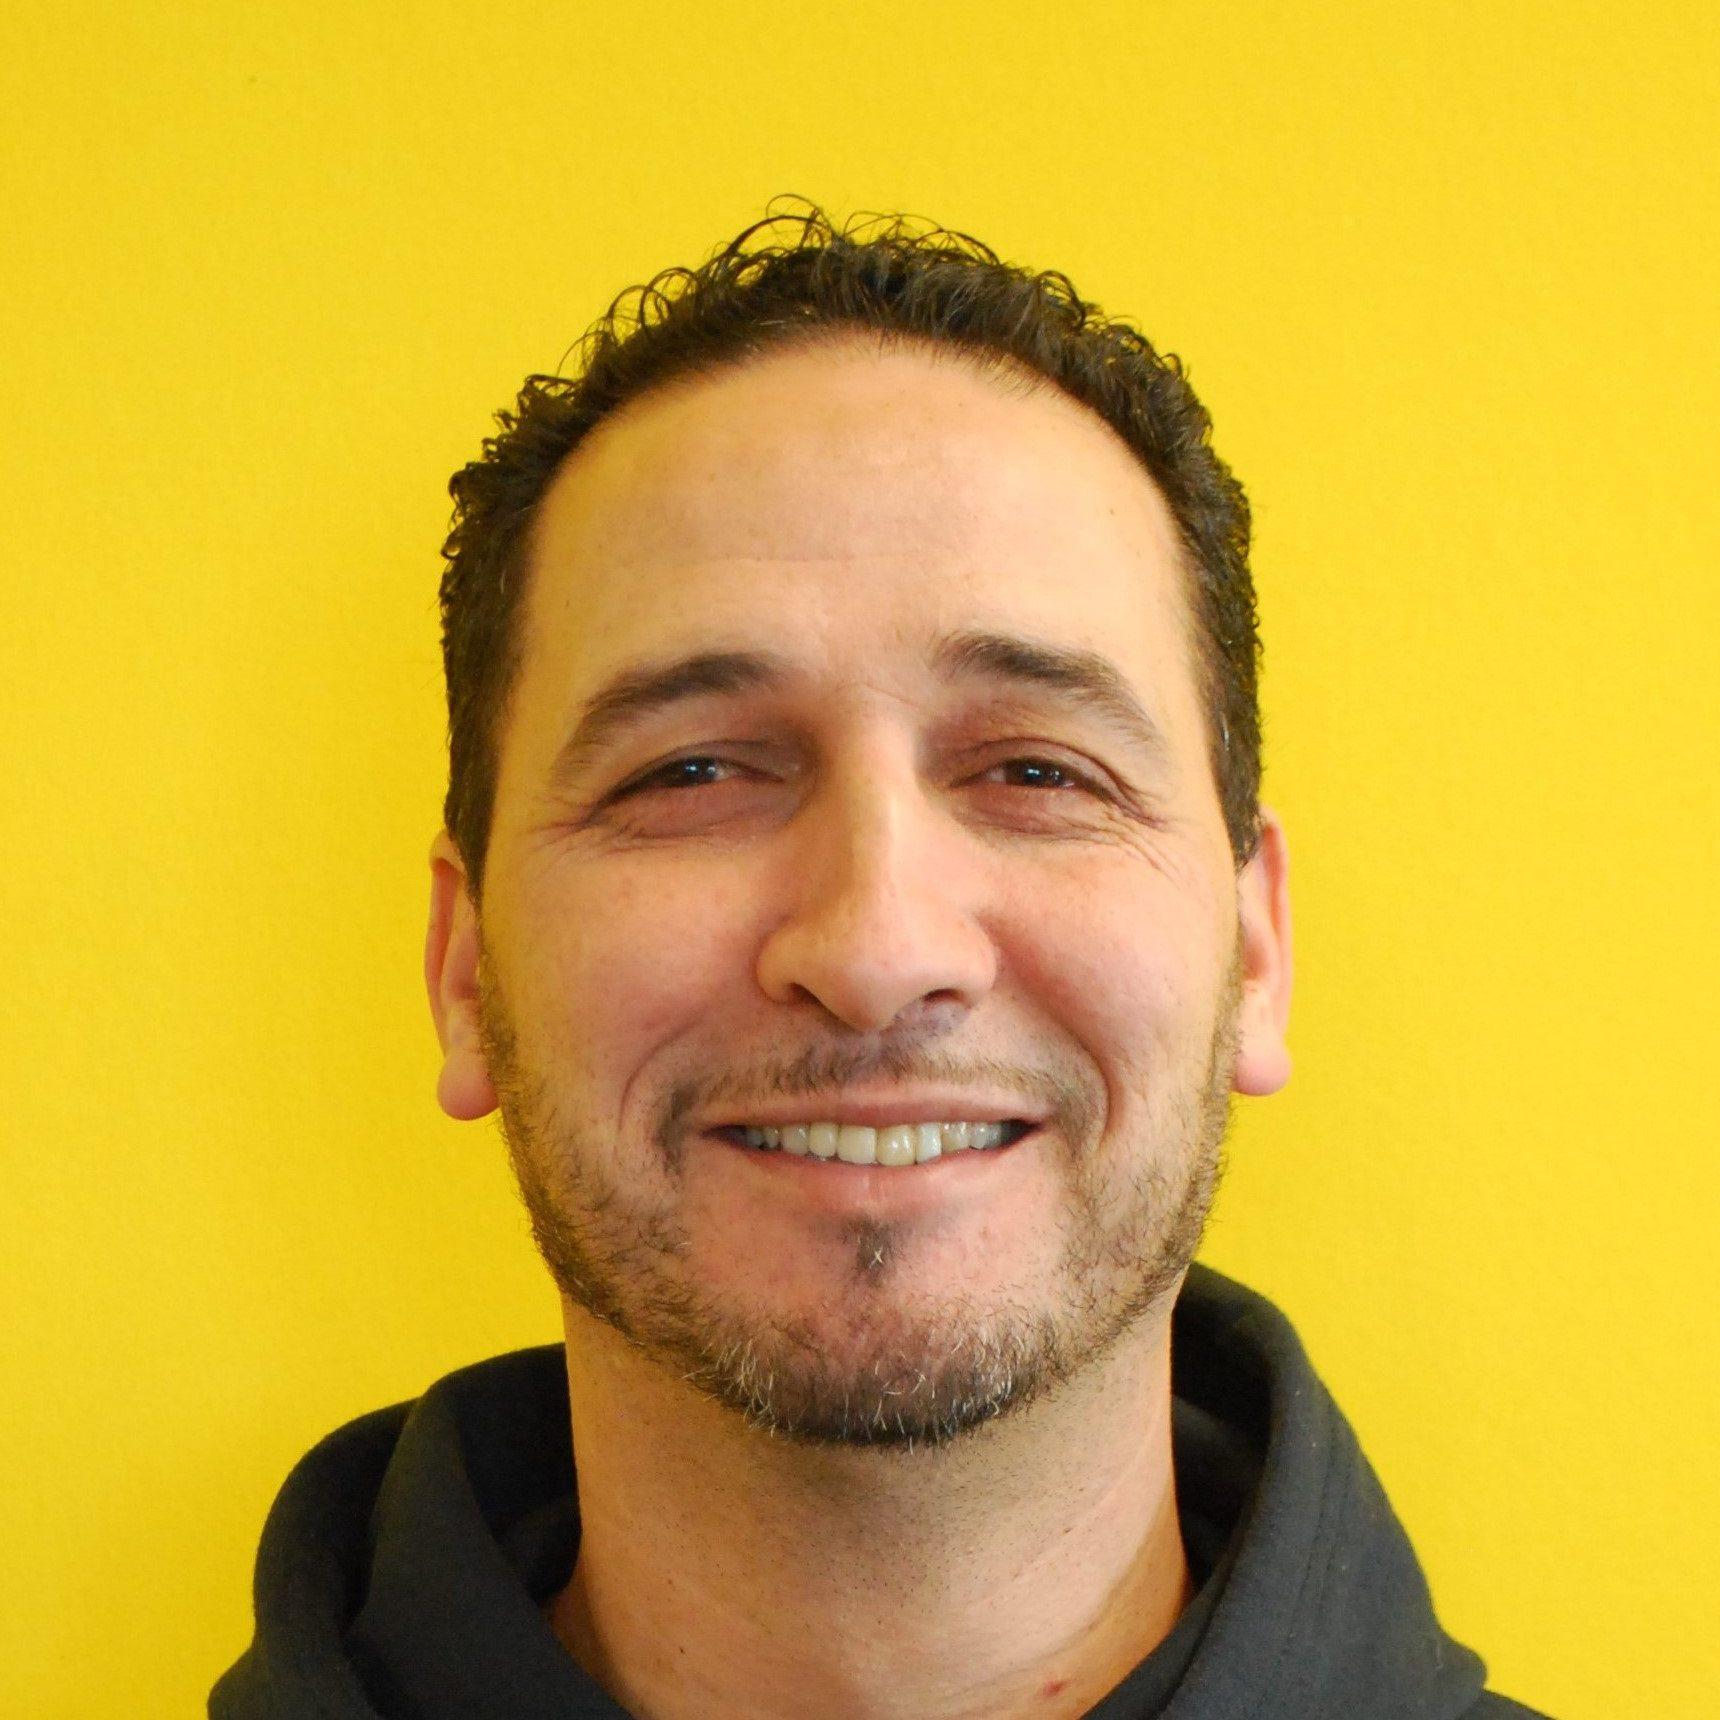 Mohamed Koubia